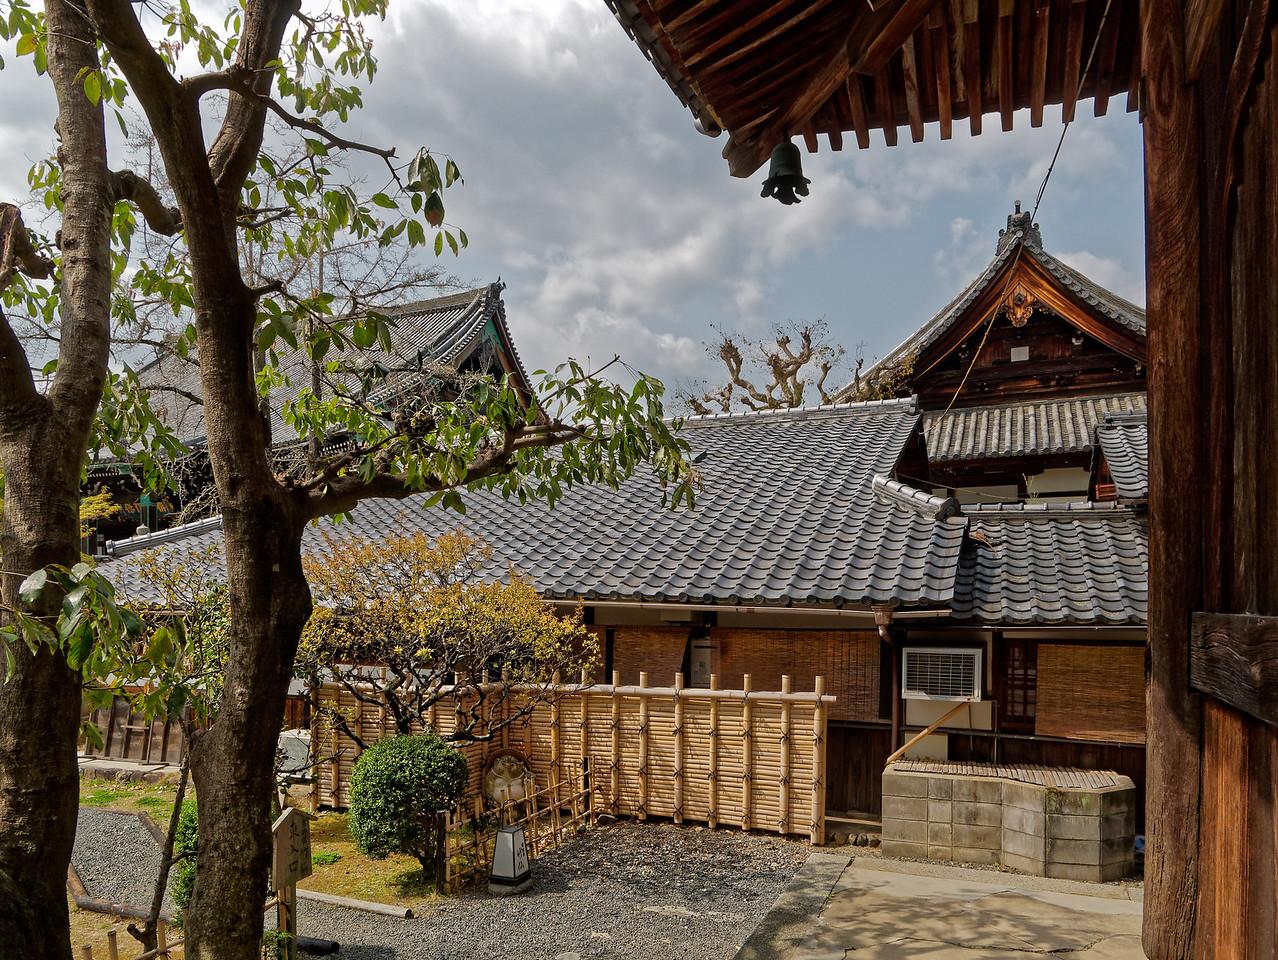 Temple buildings at Seiryo-ji